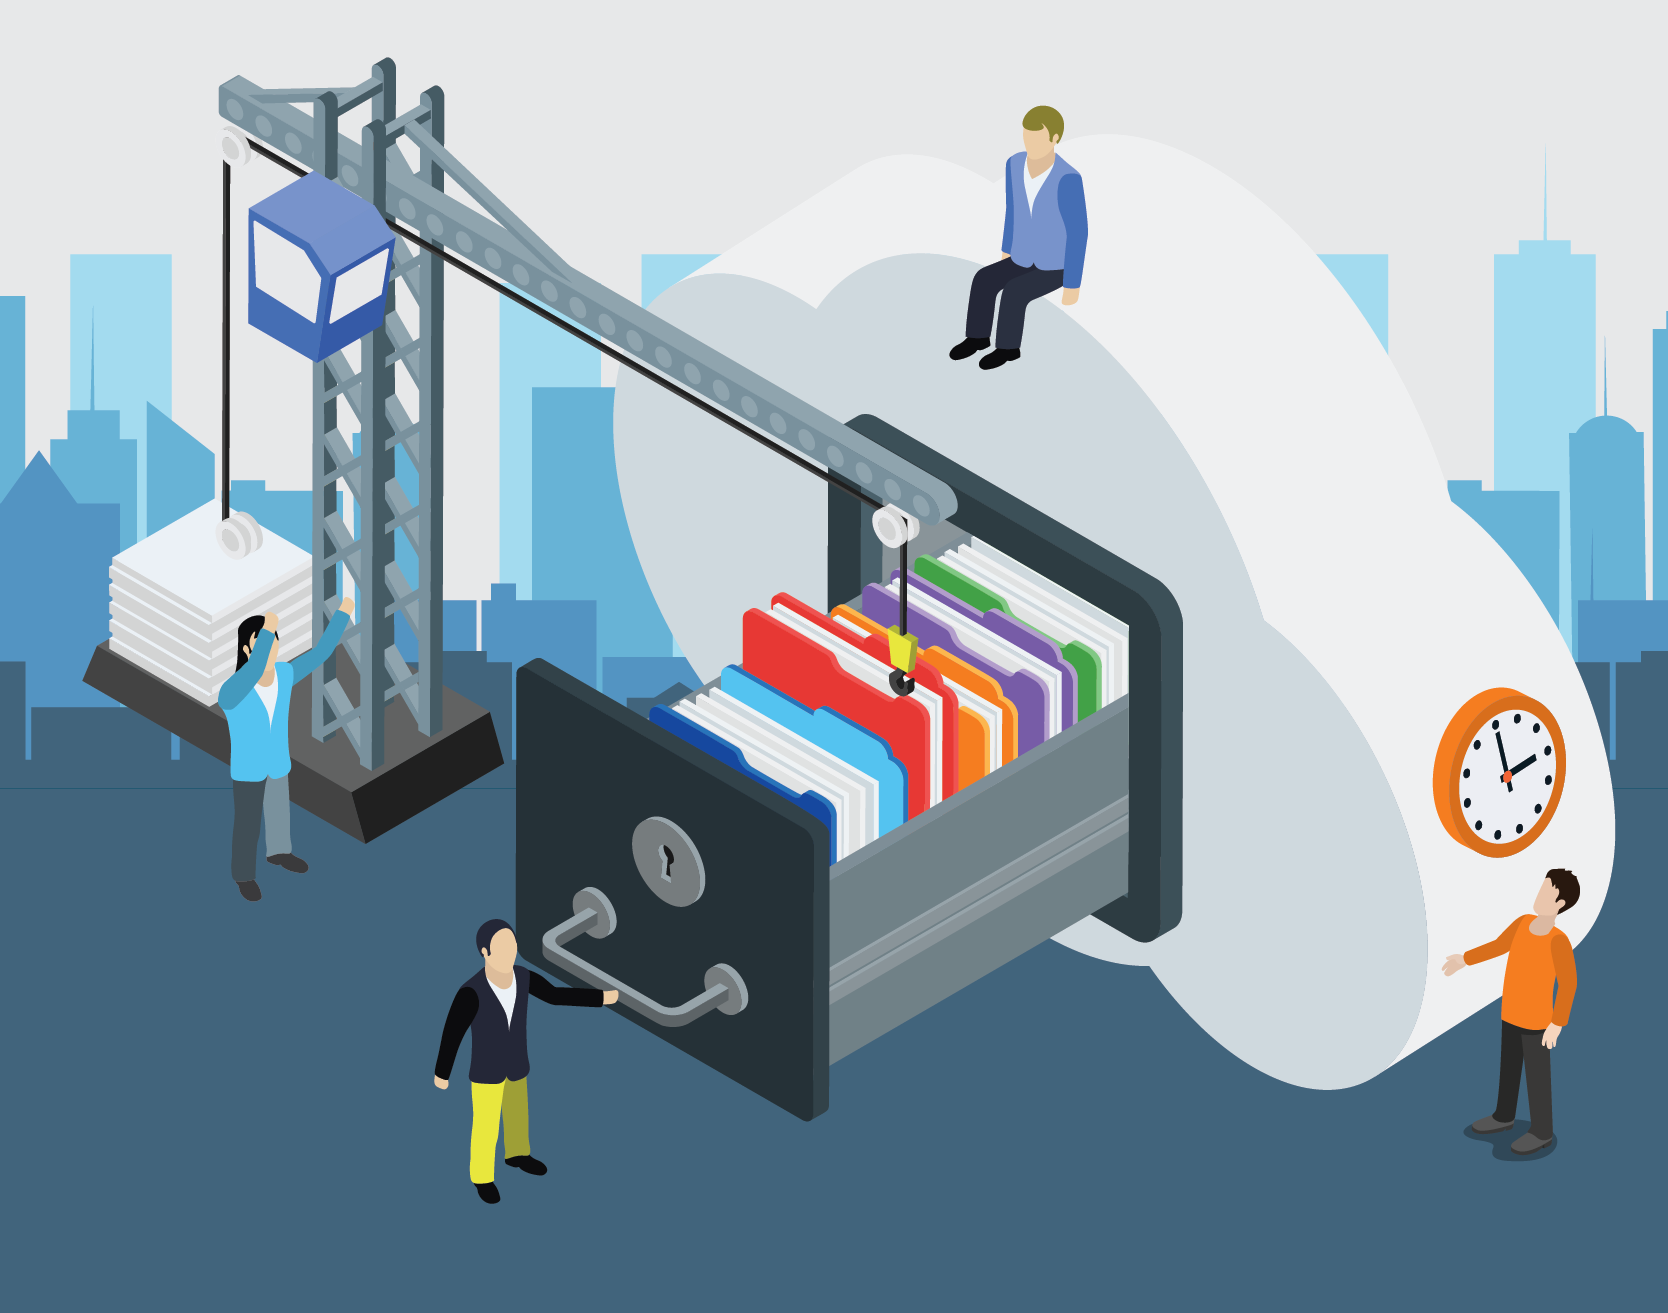 resources vendor plus product plus risk equals documentation infographic